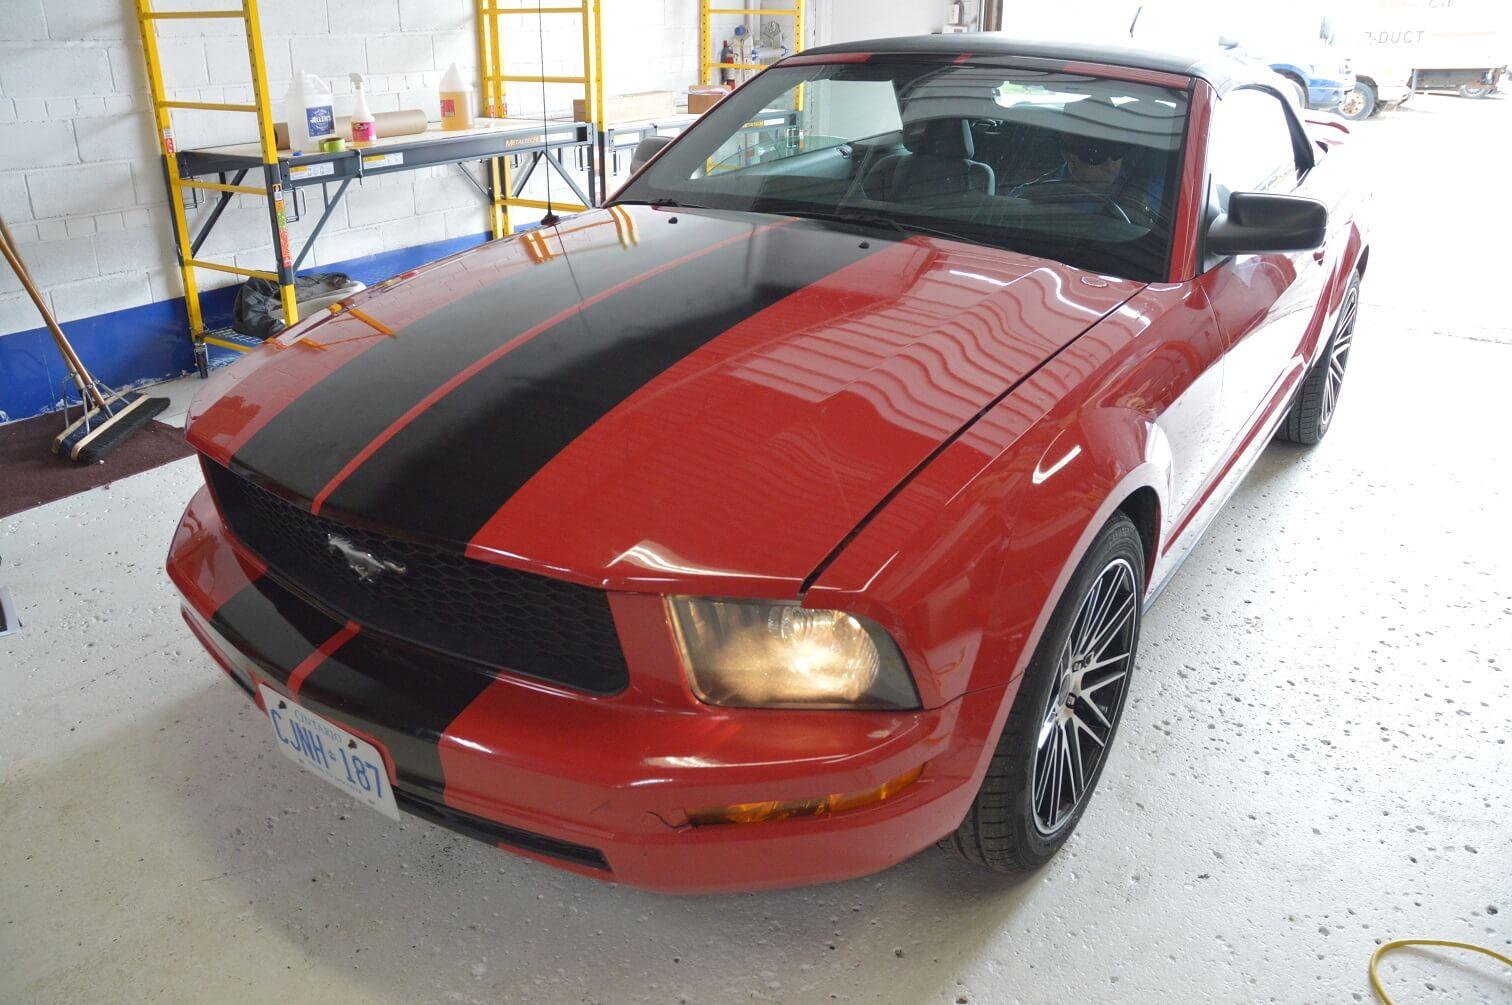 Car Wrap | Partial Car Wrap - Ford Mustang 2014 - Vinyl Wrap Toronto